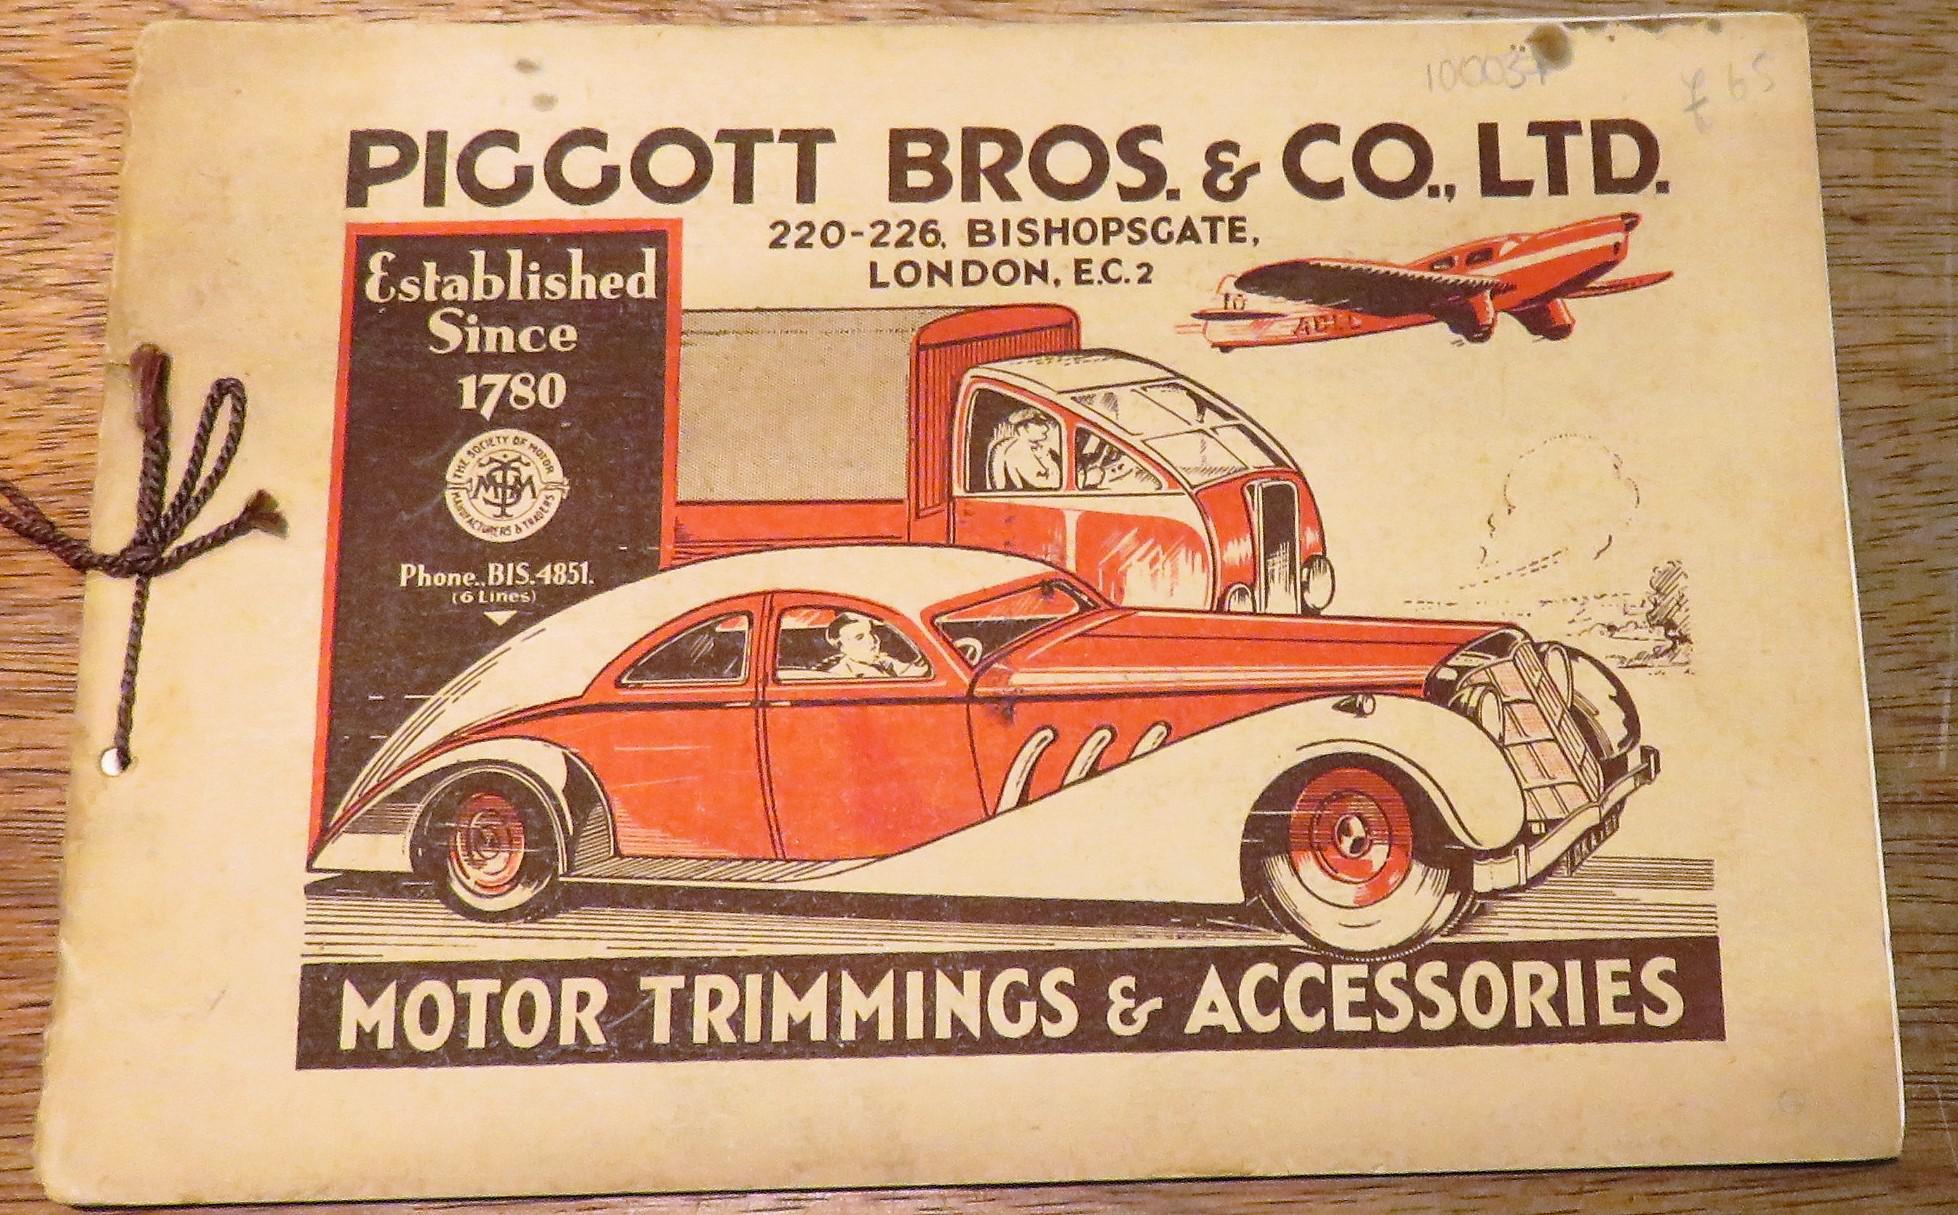 Piggott Bros. & Co., Ltd. Motor Trimmings & Accessories